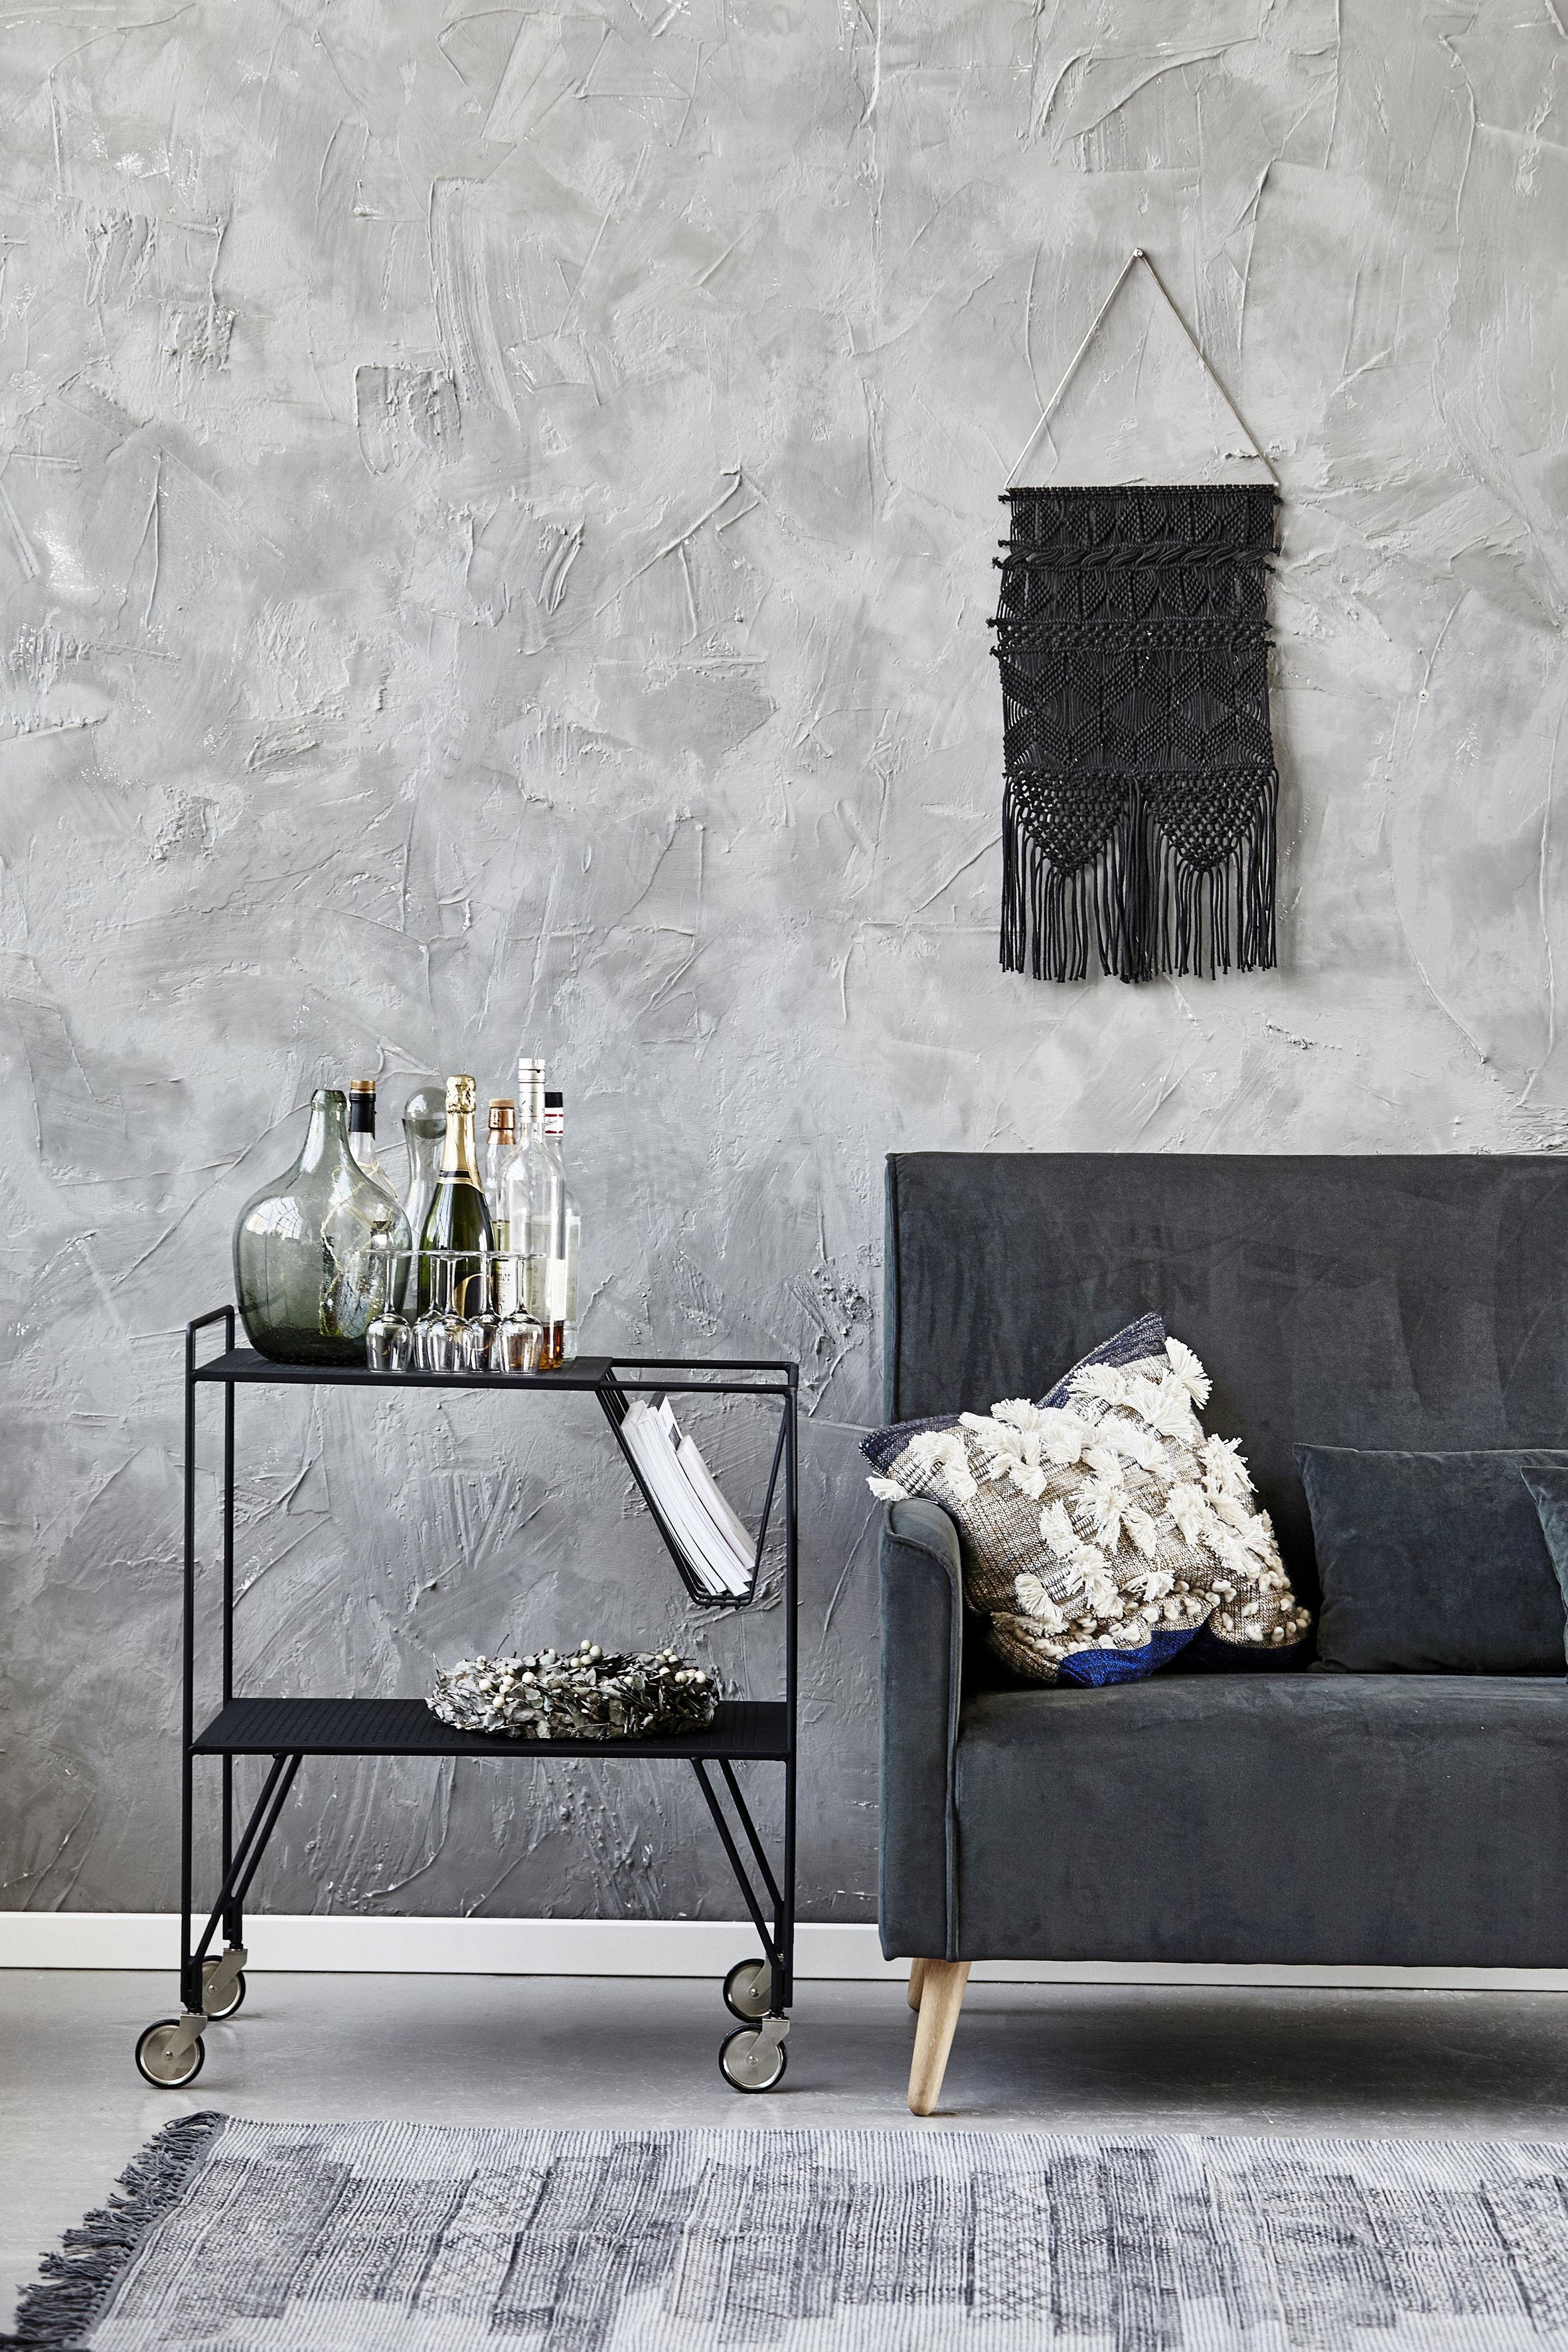 d coration murale artesian macram coton fait main h 60 cm ivoire cuivre house doctor. Black Bedroom Furniture Sets. Home Design Ideas